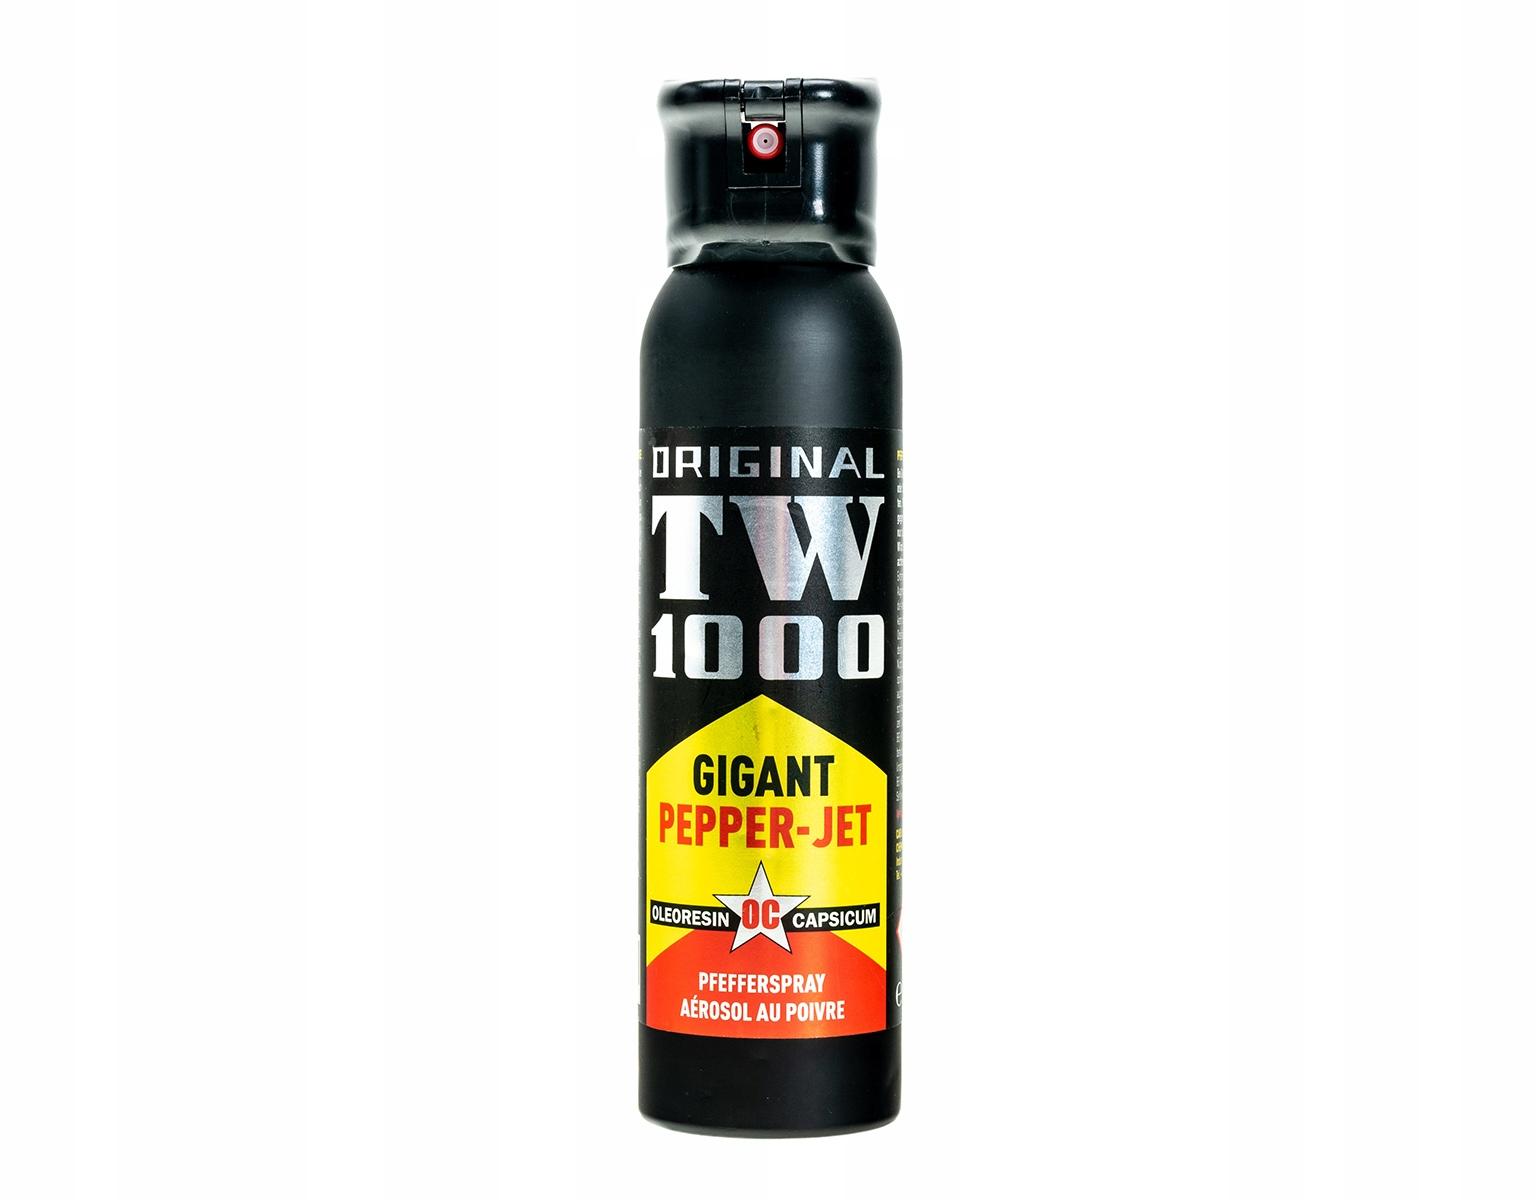 Pepřový sprej TW 1000 gigant hornby Jet 150 ml prietok